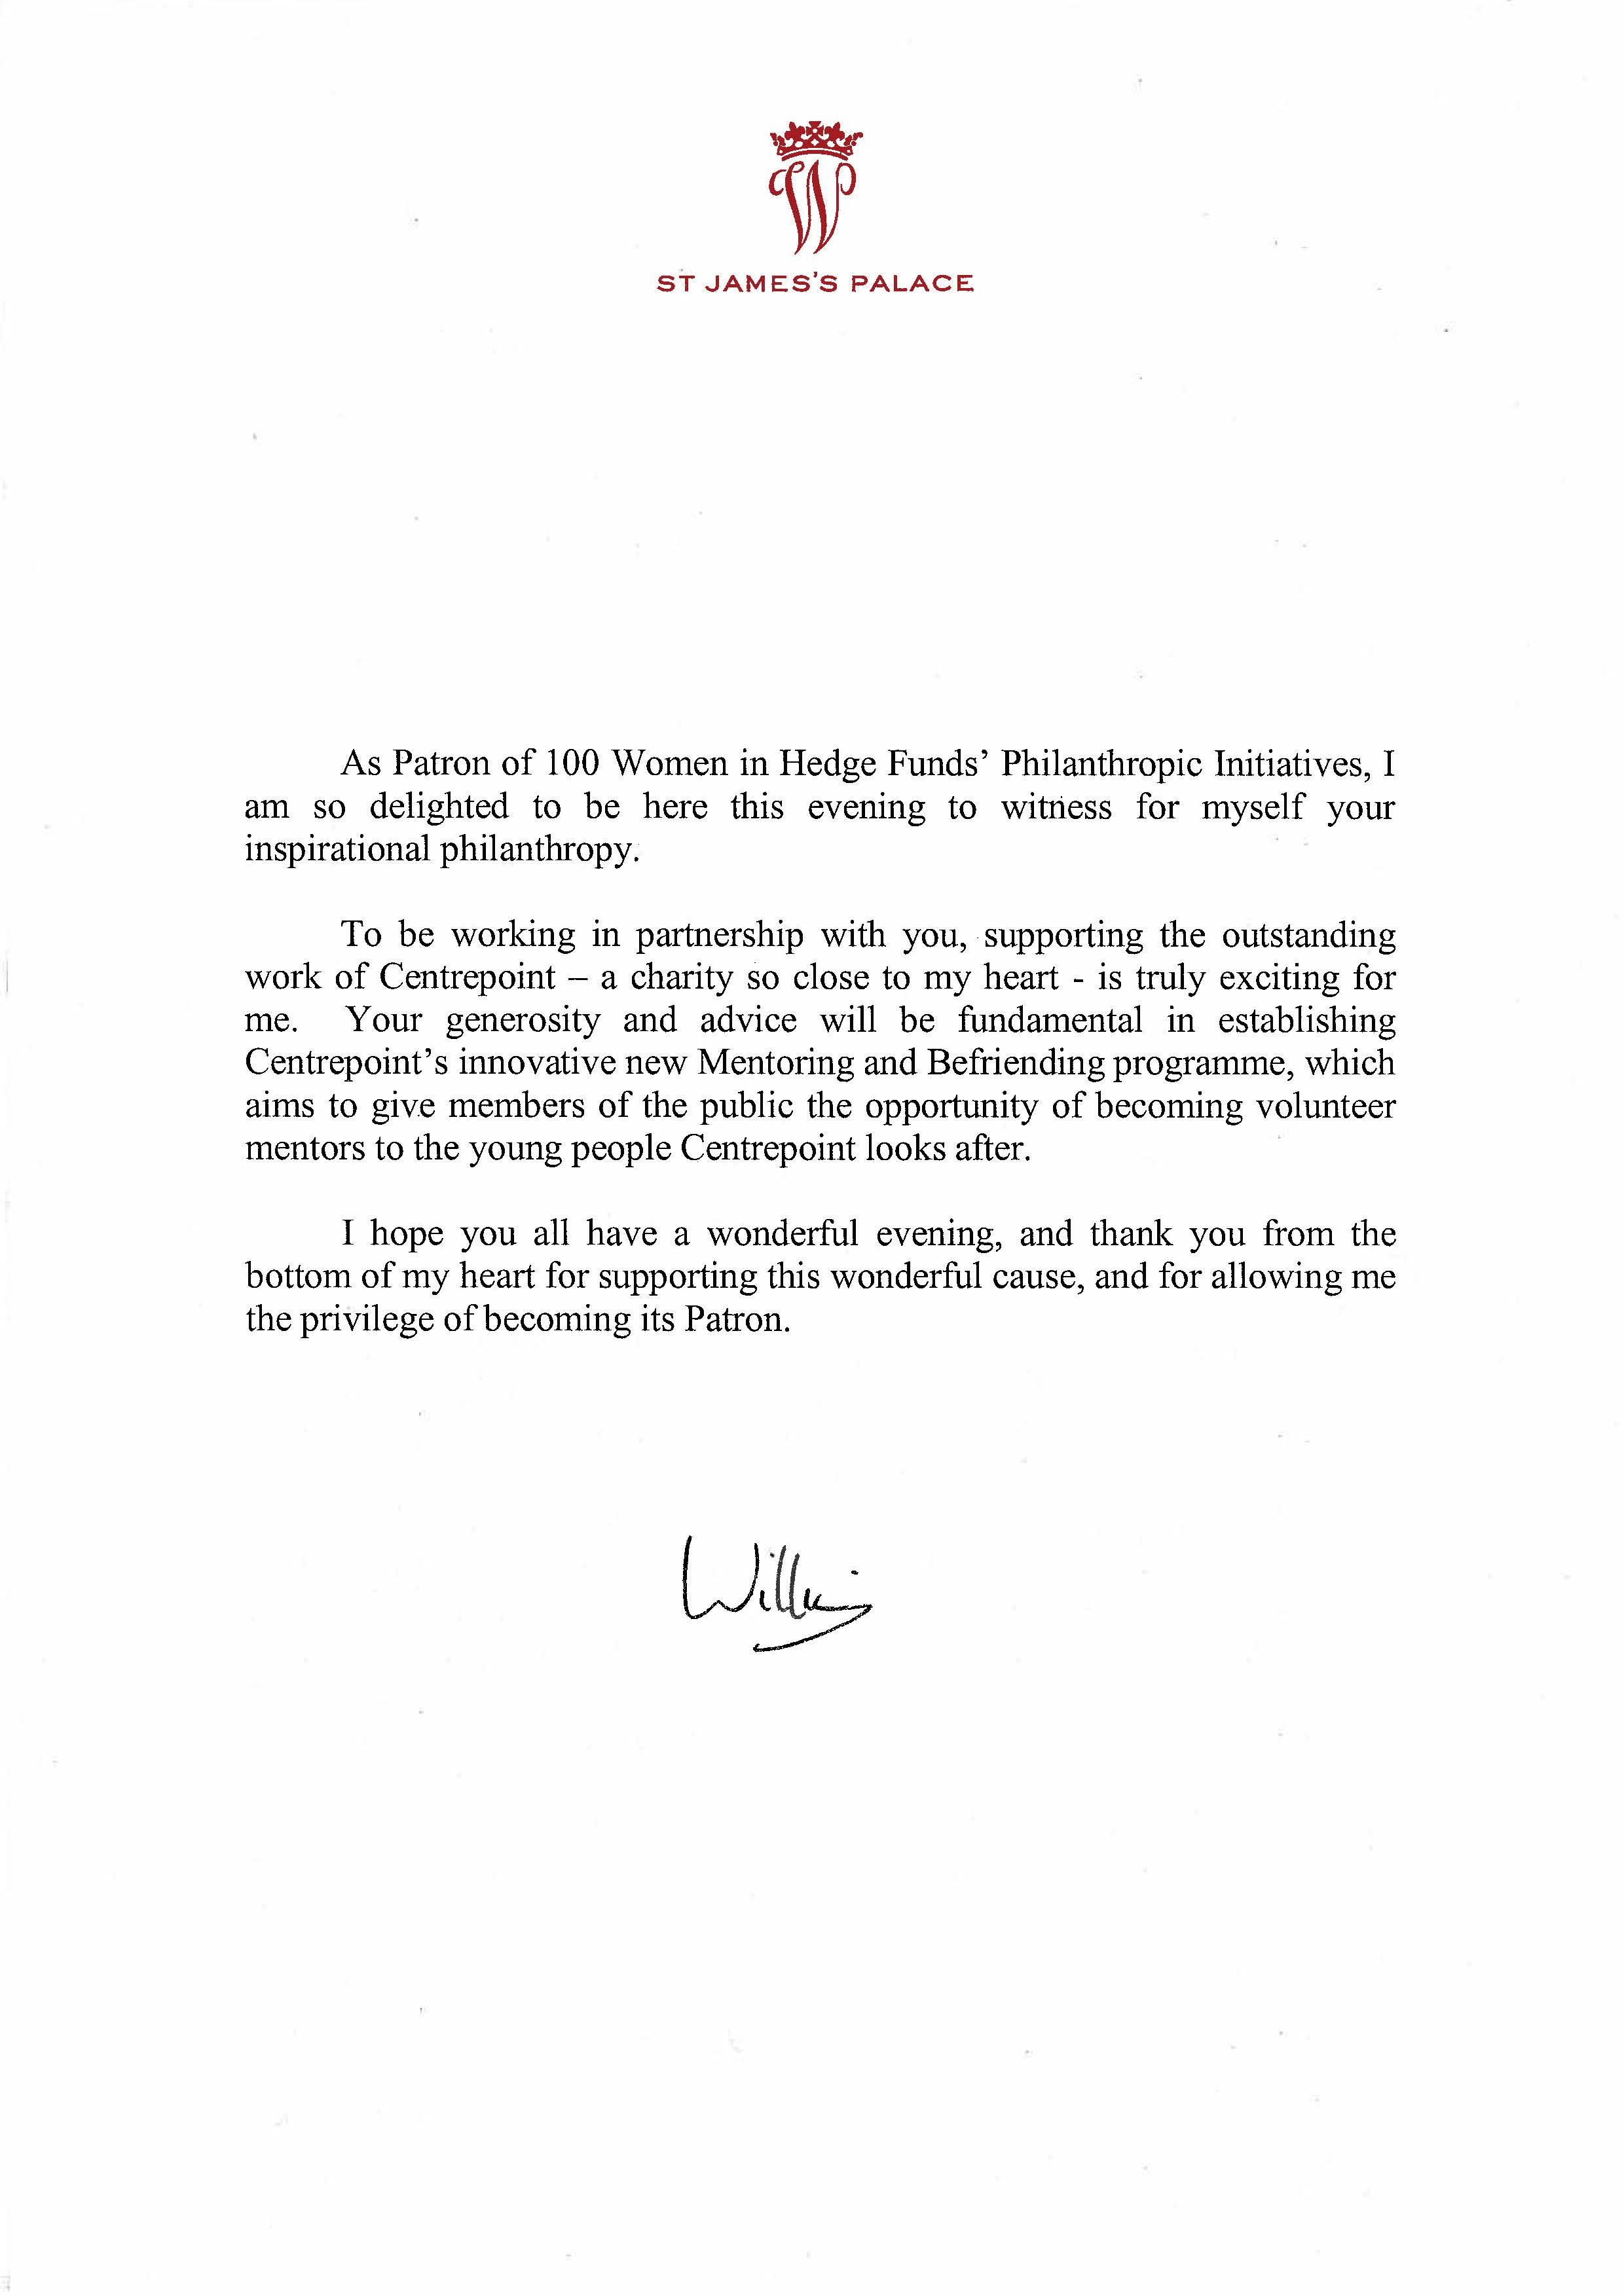 Letter from Duke of Cambridge